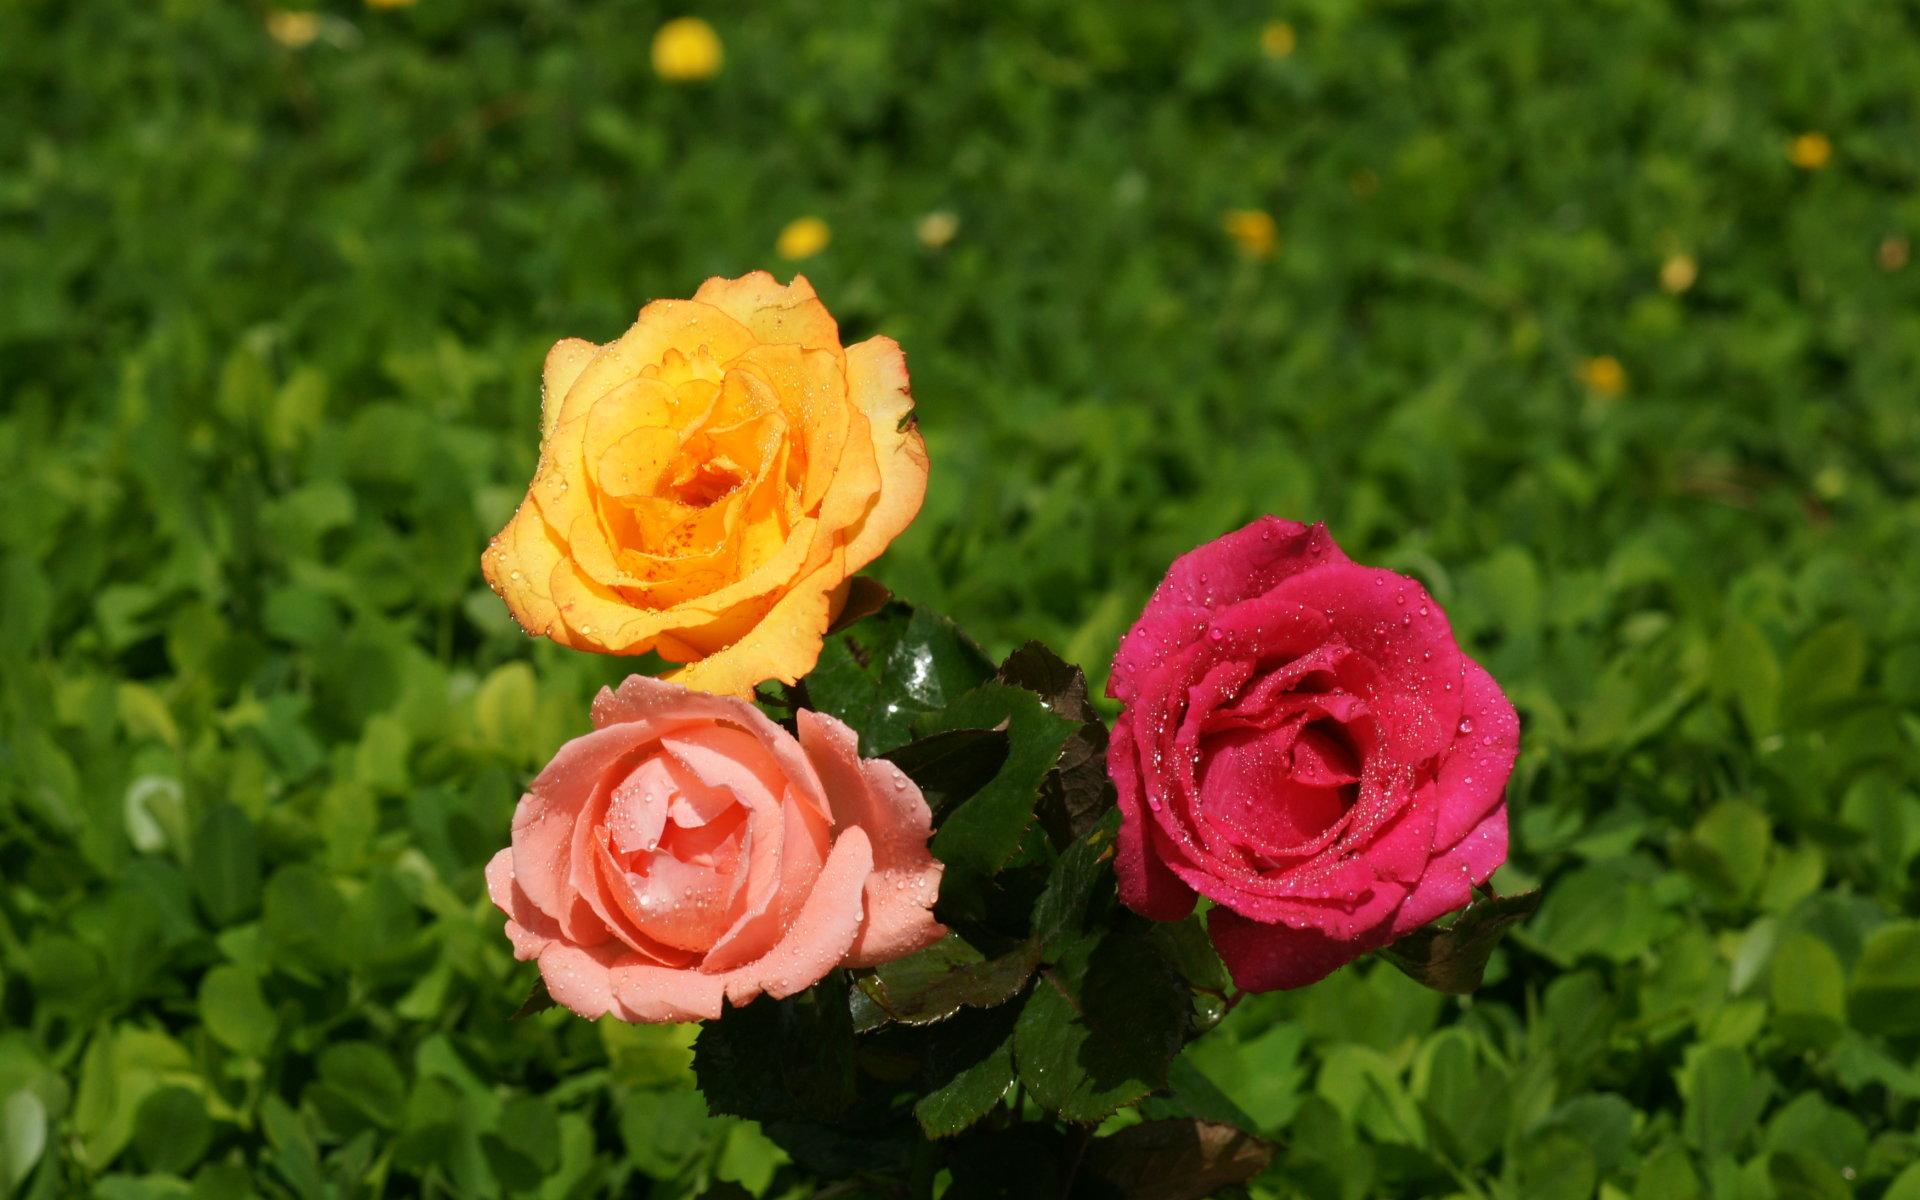 39+ Color Roses Wallpaper HD on WallpaperSafari